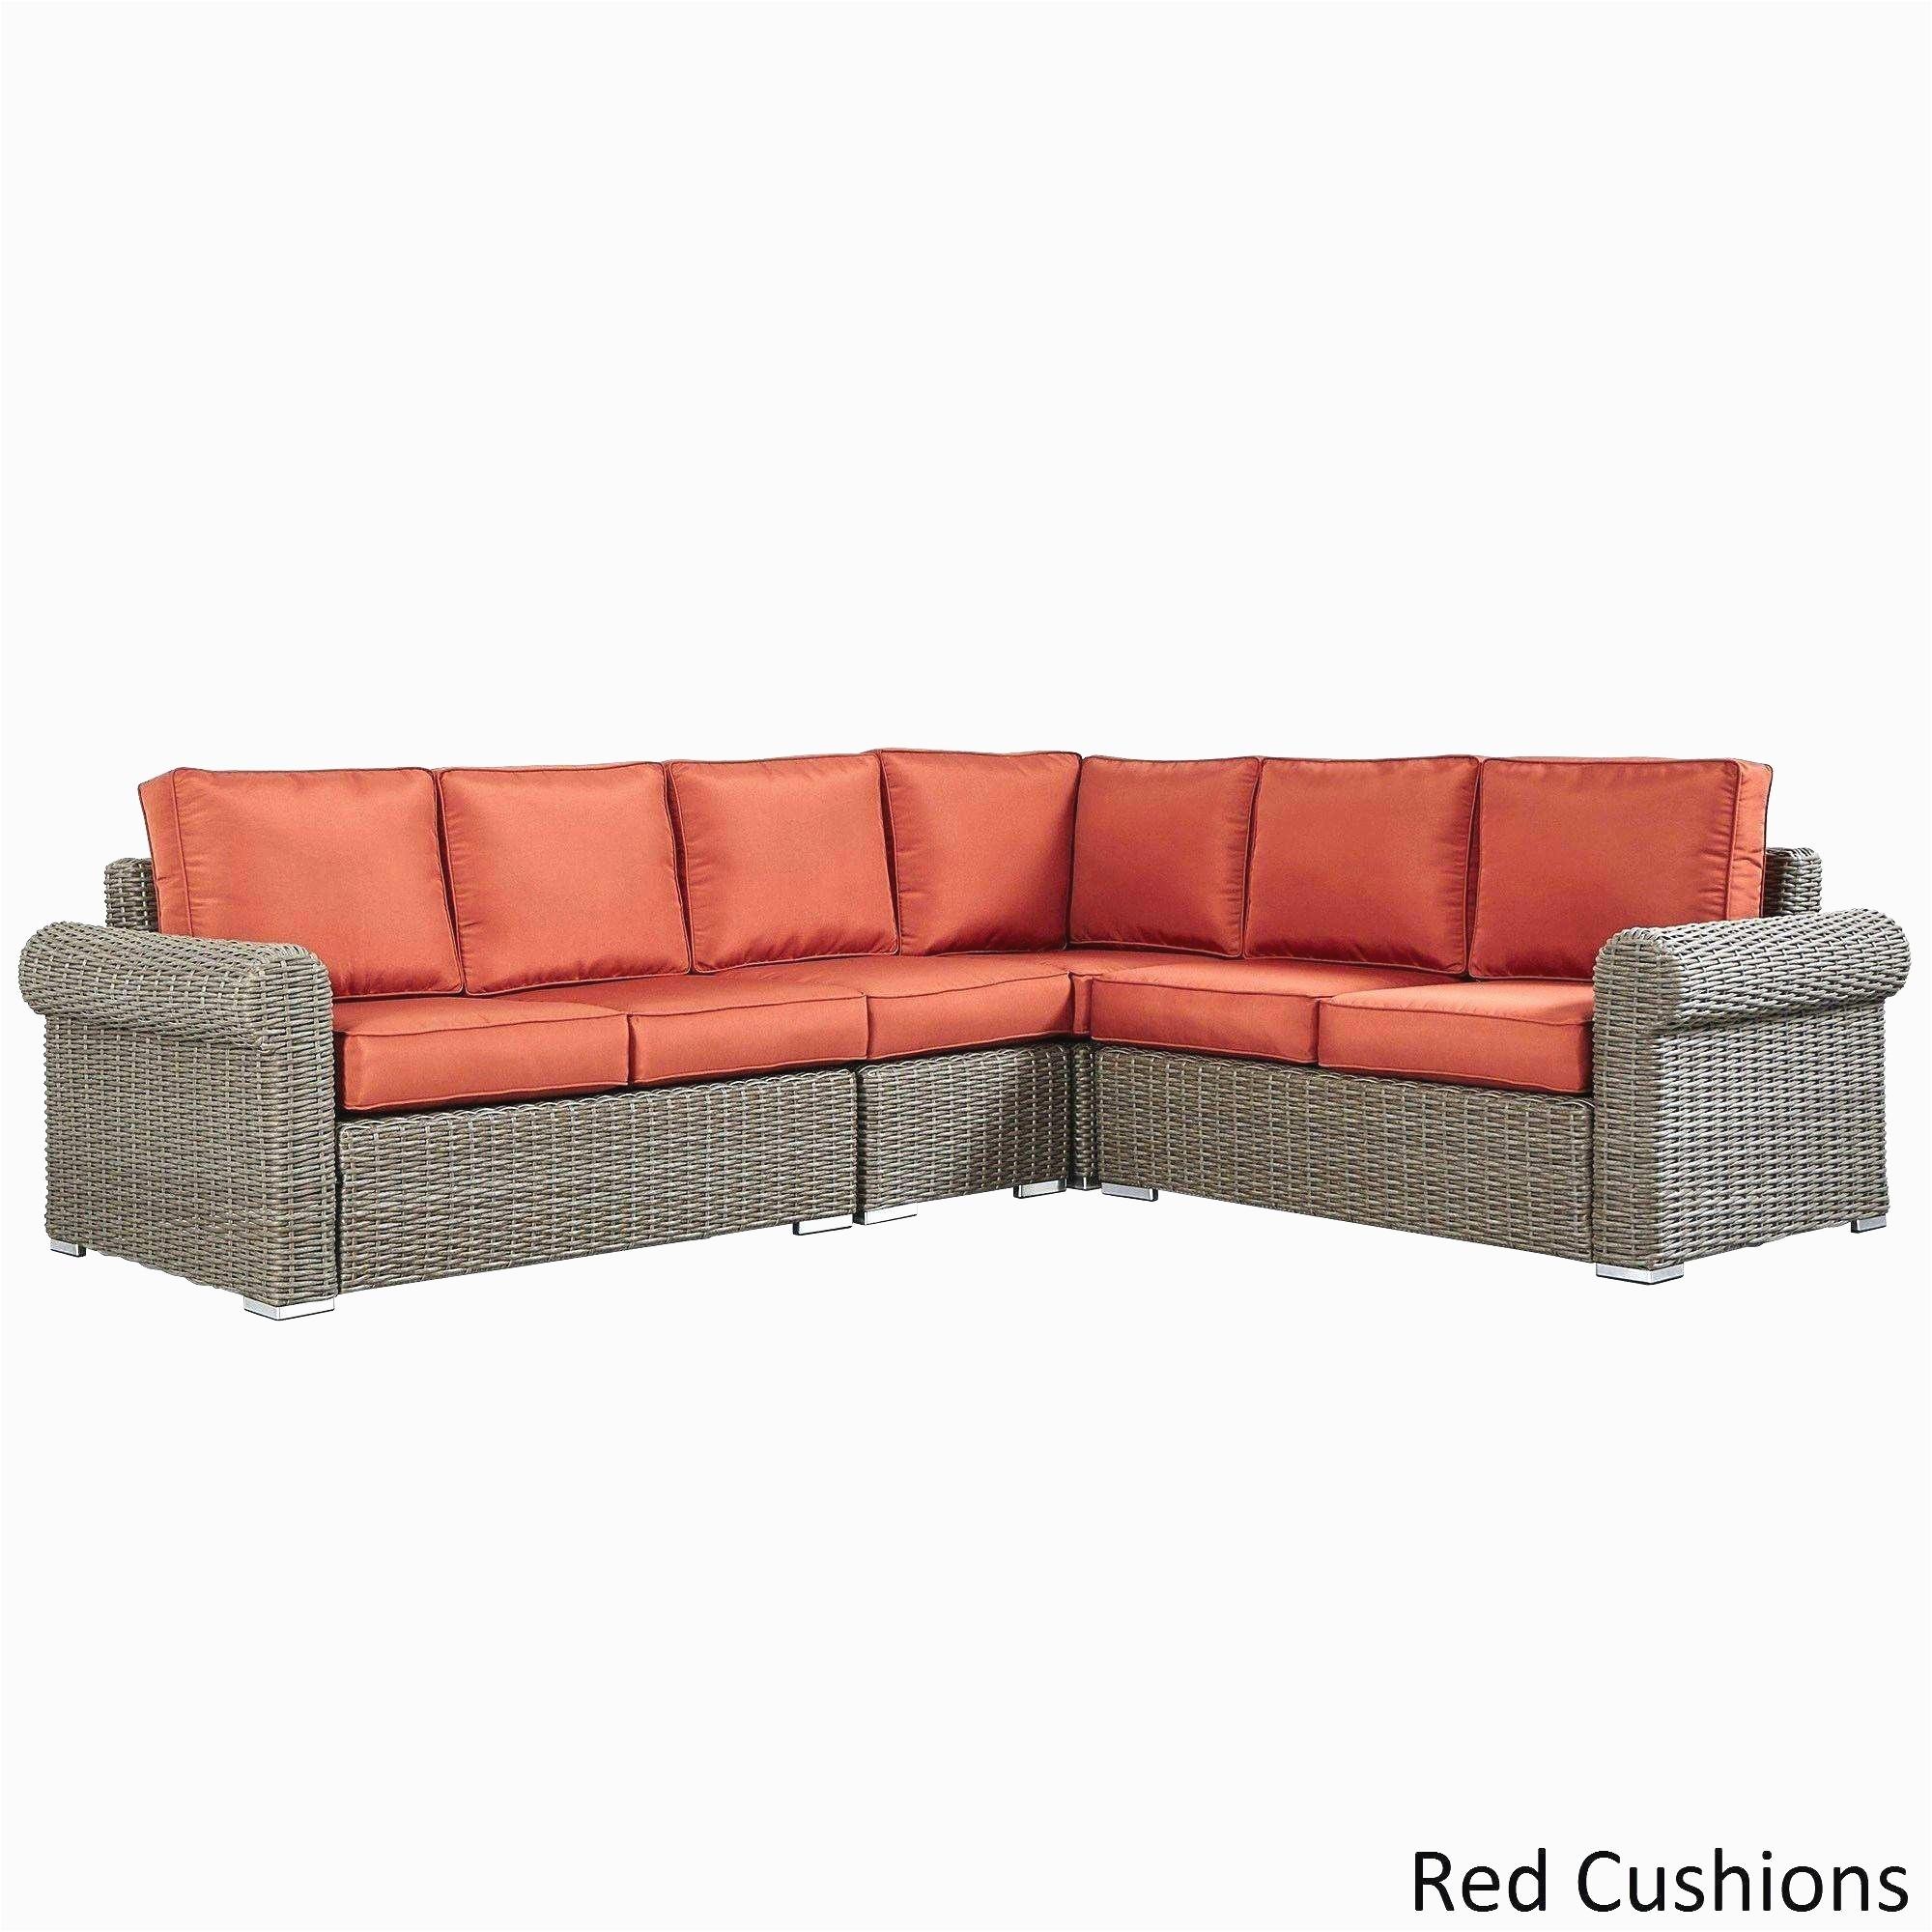 new sofas columbus ohio outdoor furniture columbus ohio 8 piece living room furniture set 0d